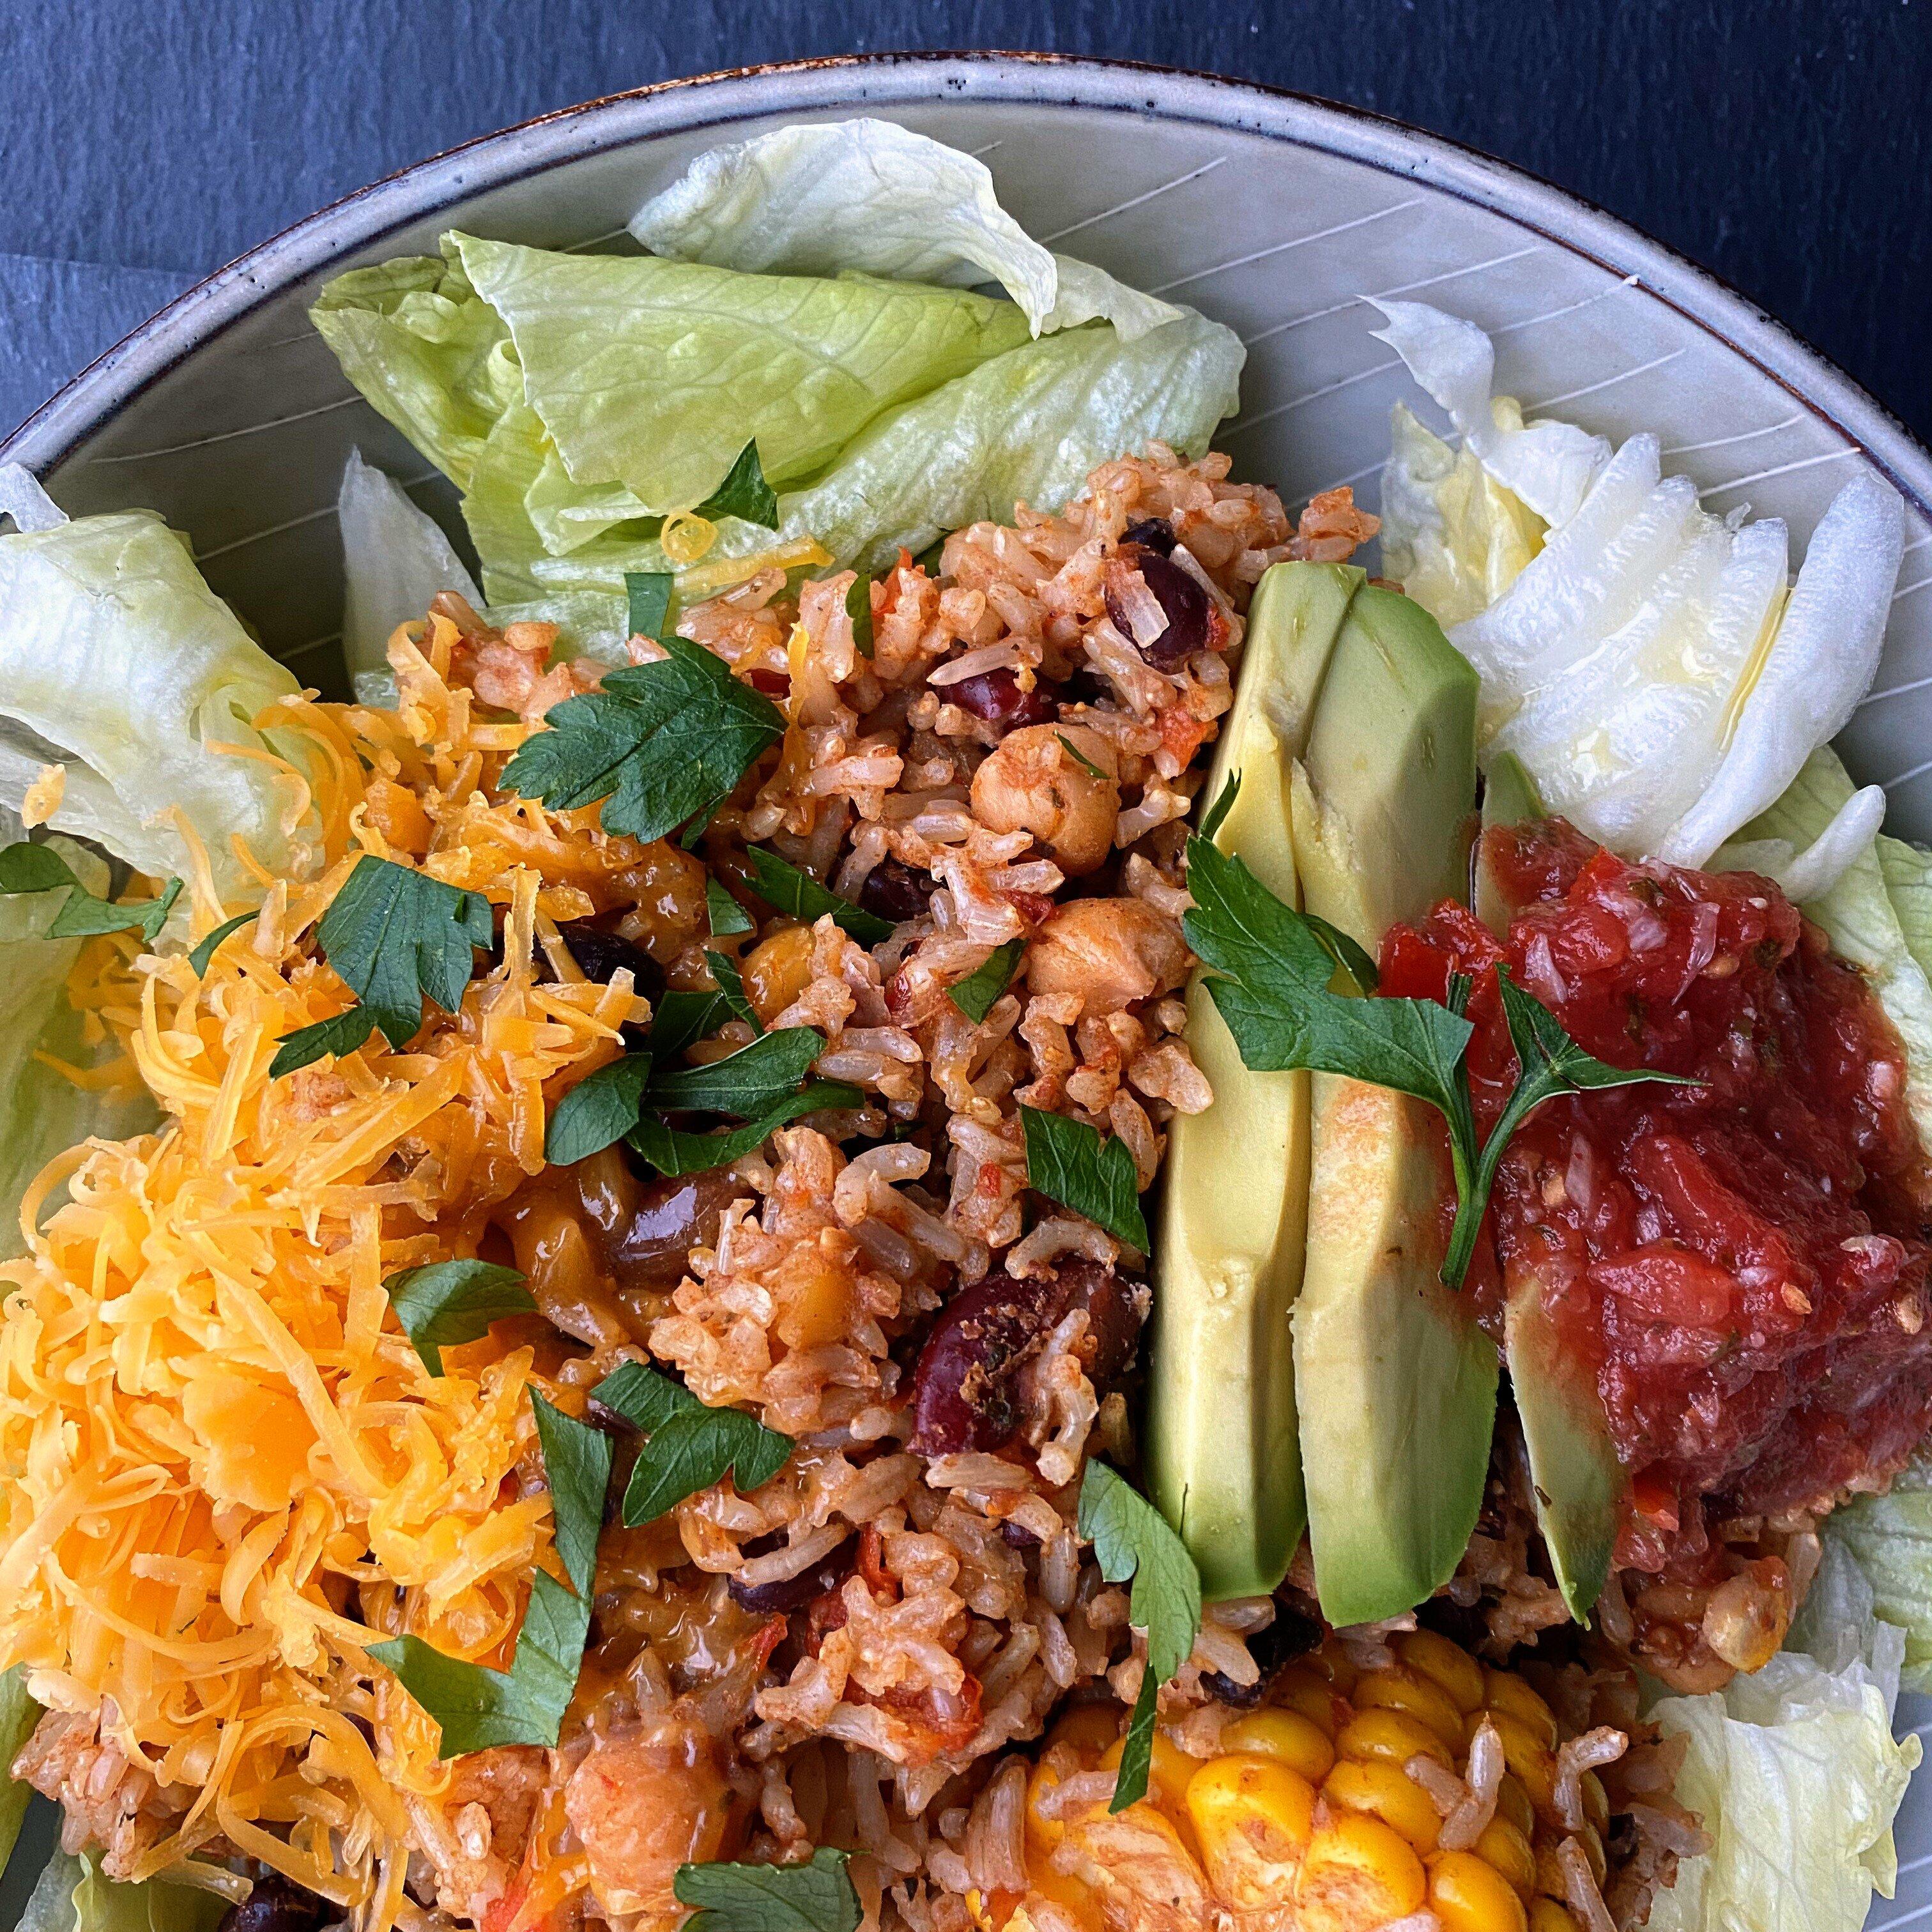 instant pot vegan tex mex bowls recipe